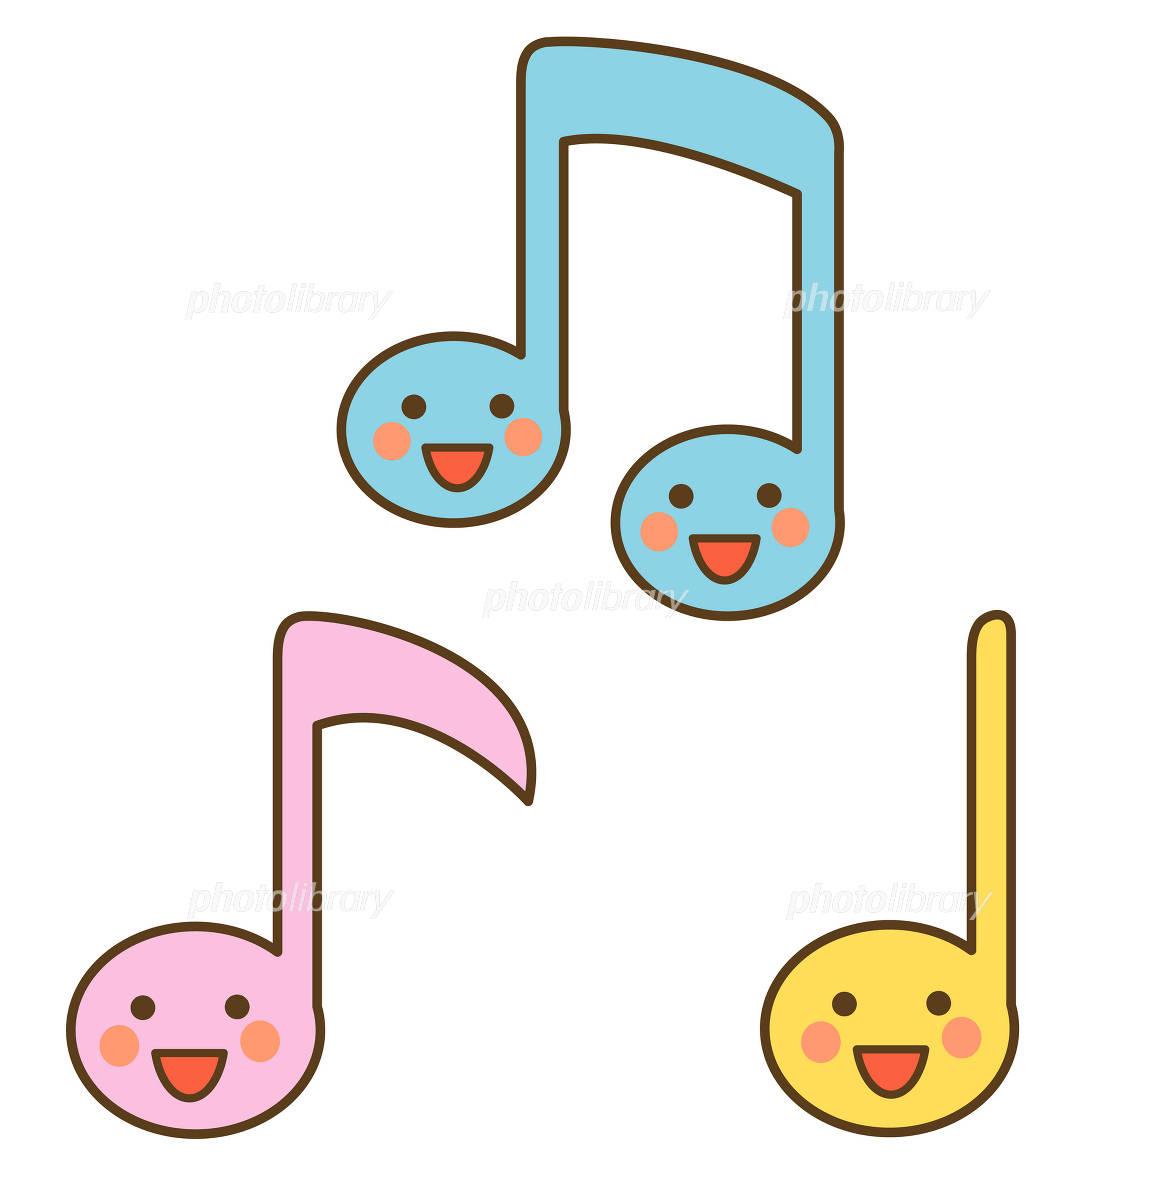 笑顔の音符 イラスト素材 1019178 フォトライブラリー Photolibrary